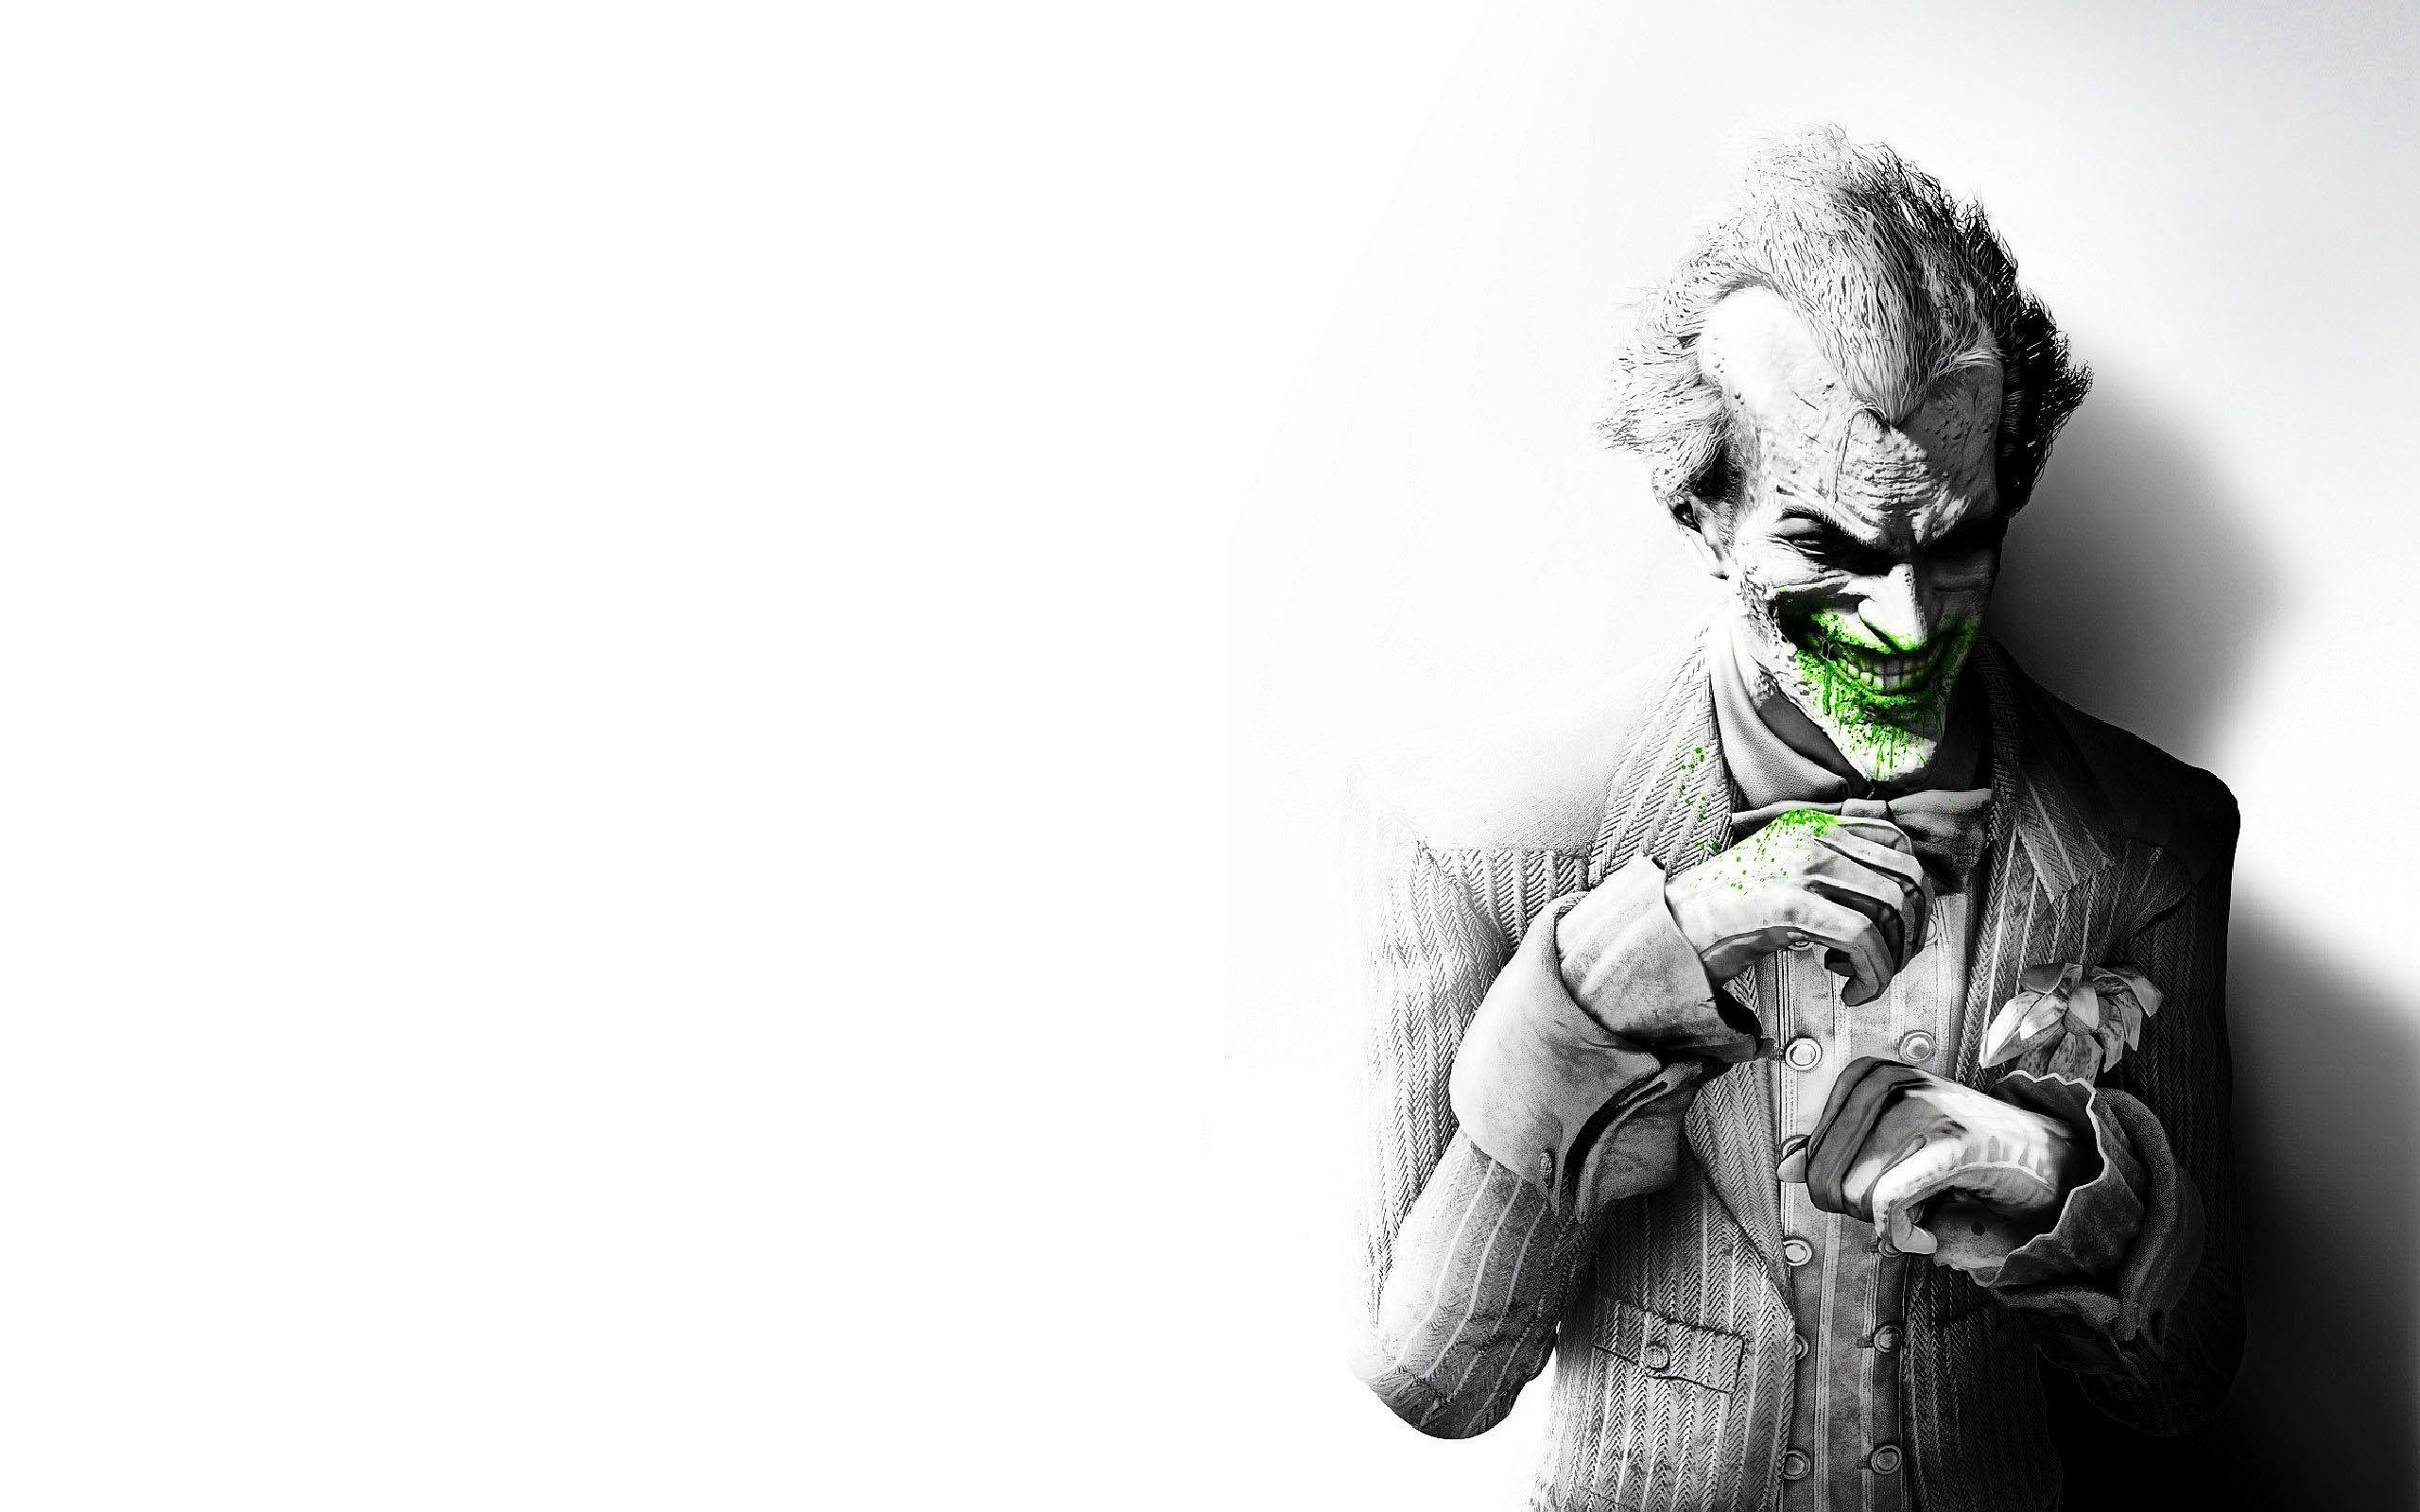 Joker Scribble Drawing : Joker wallpaper archives page of widewallpaper